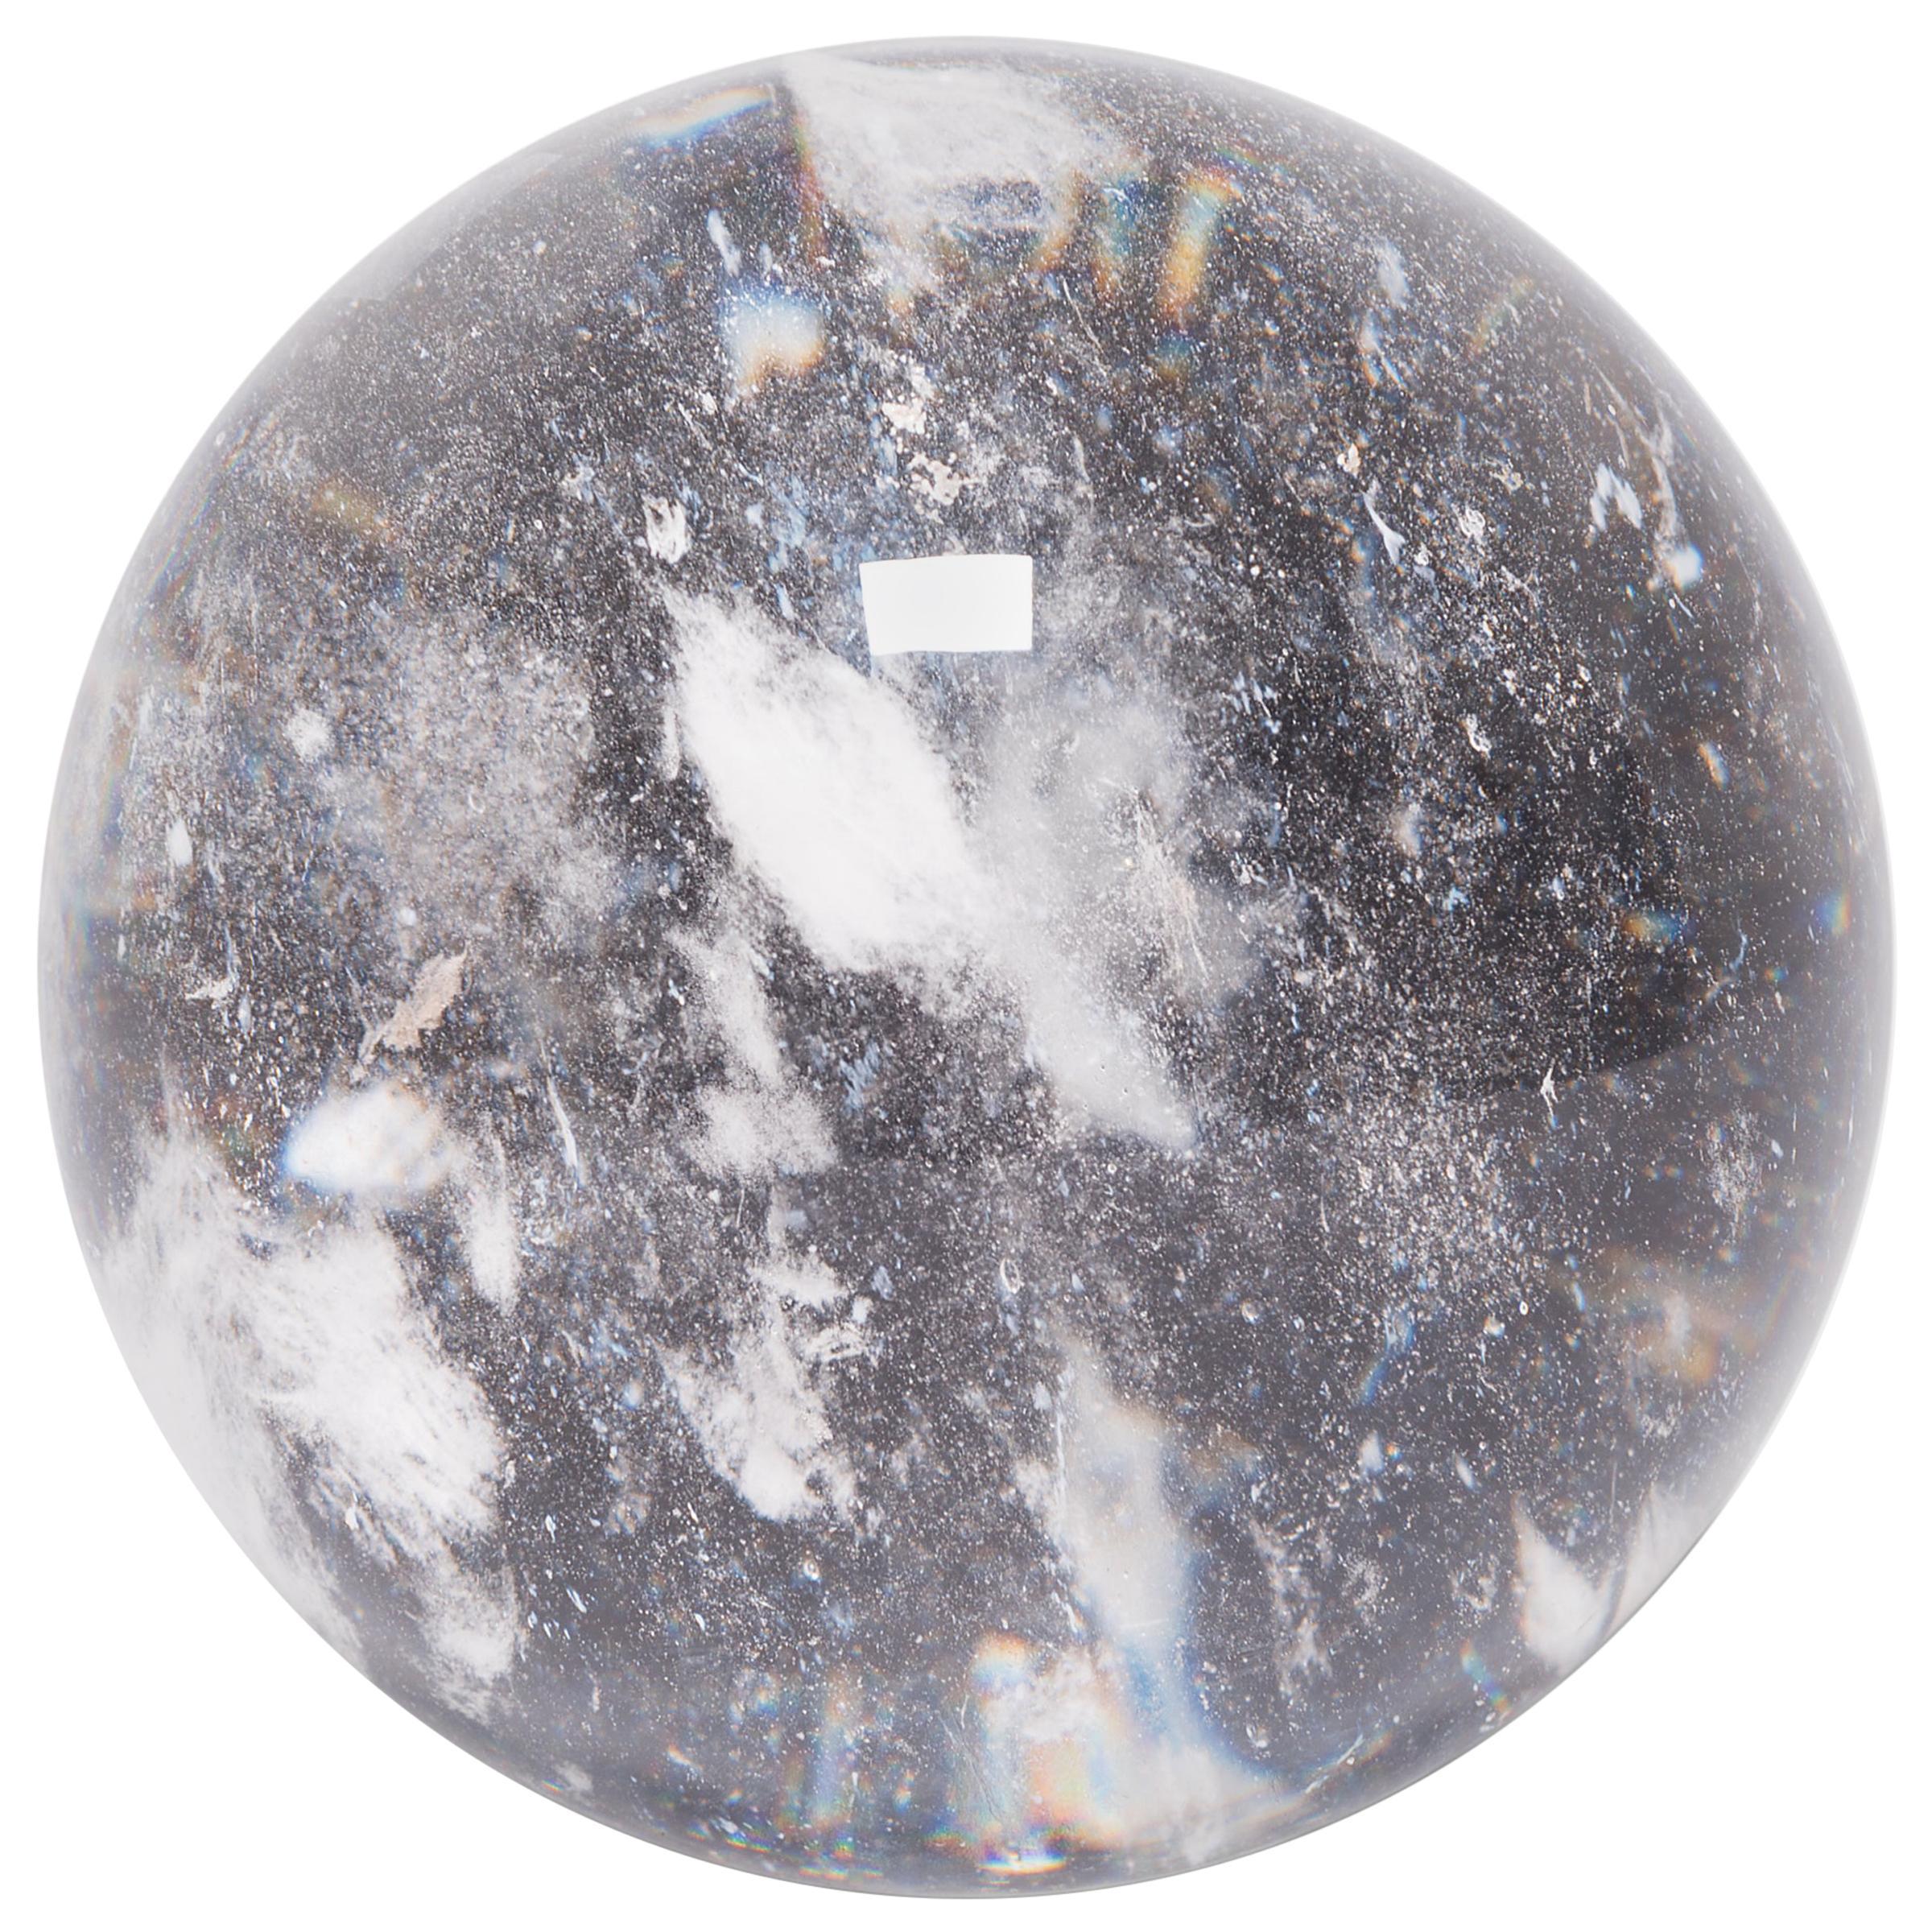 Rock Crystal Sphere Sculpture